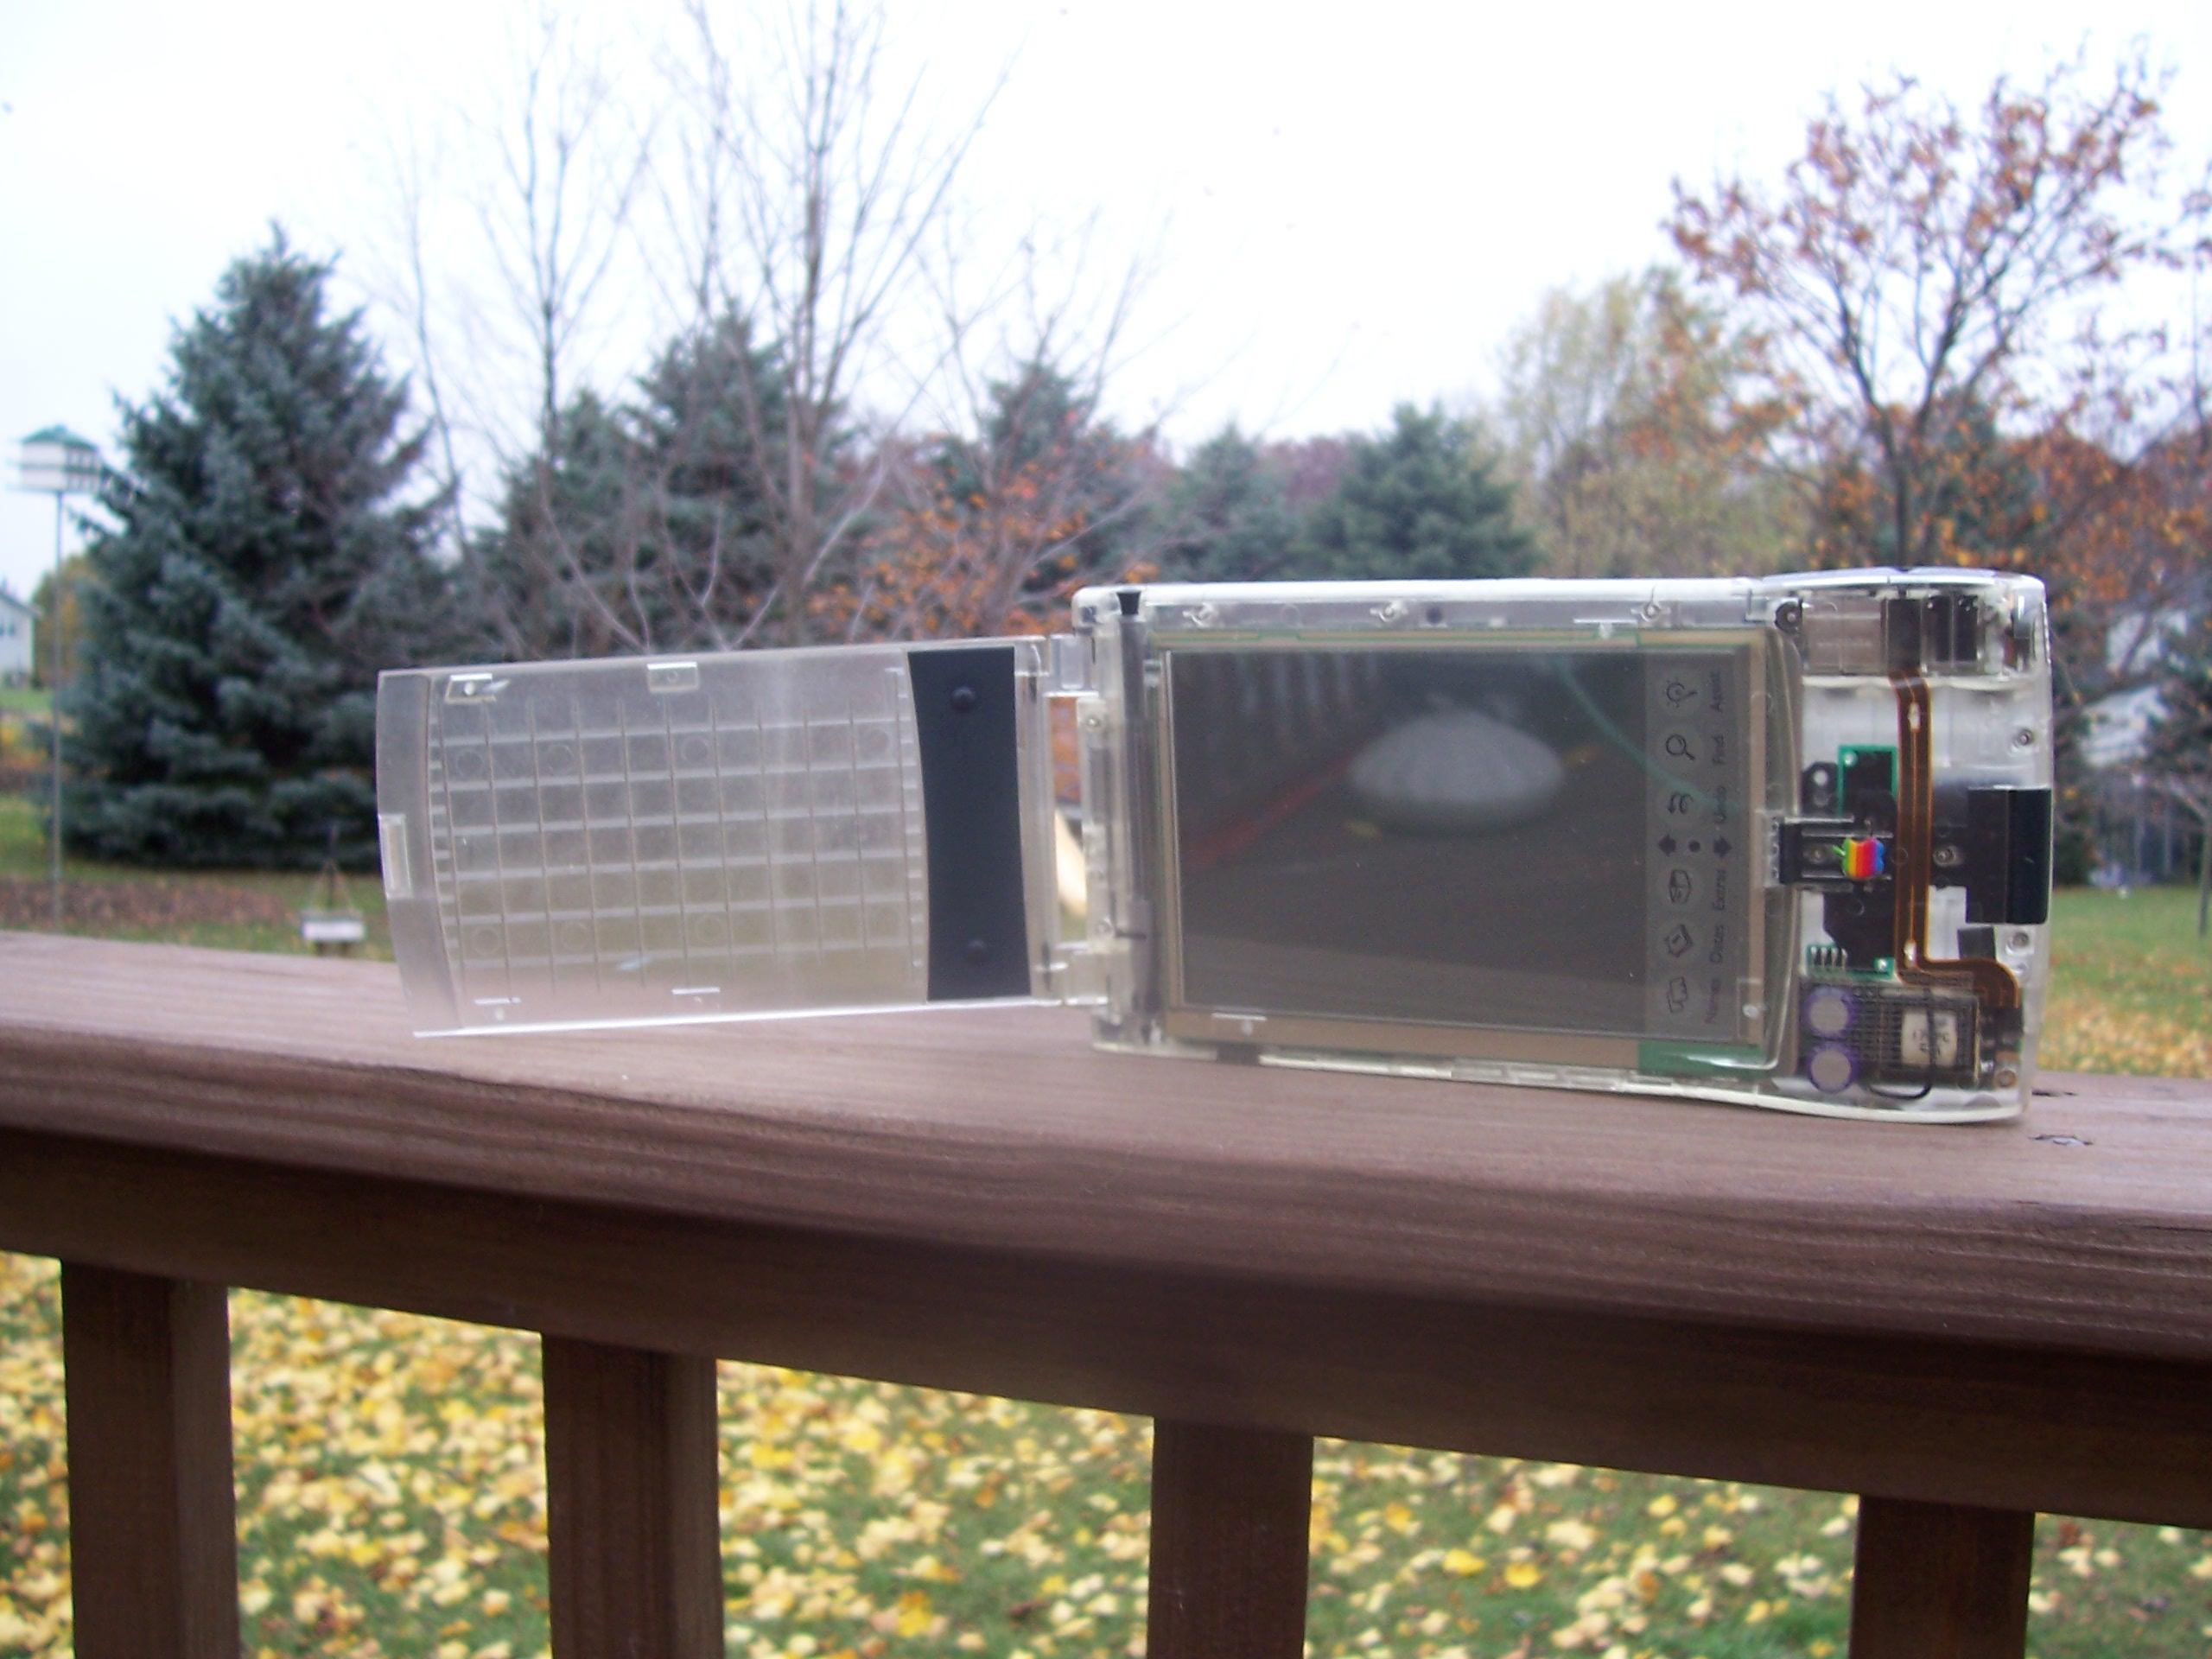 Apple Newton MessagePad 110 (Clear Case) Production Unit